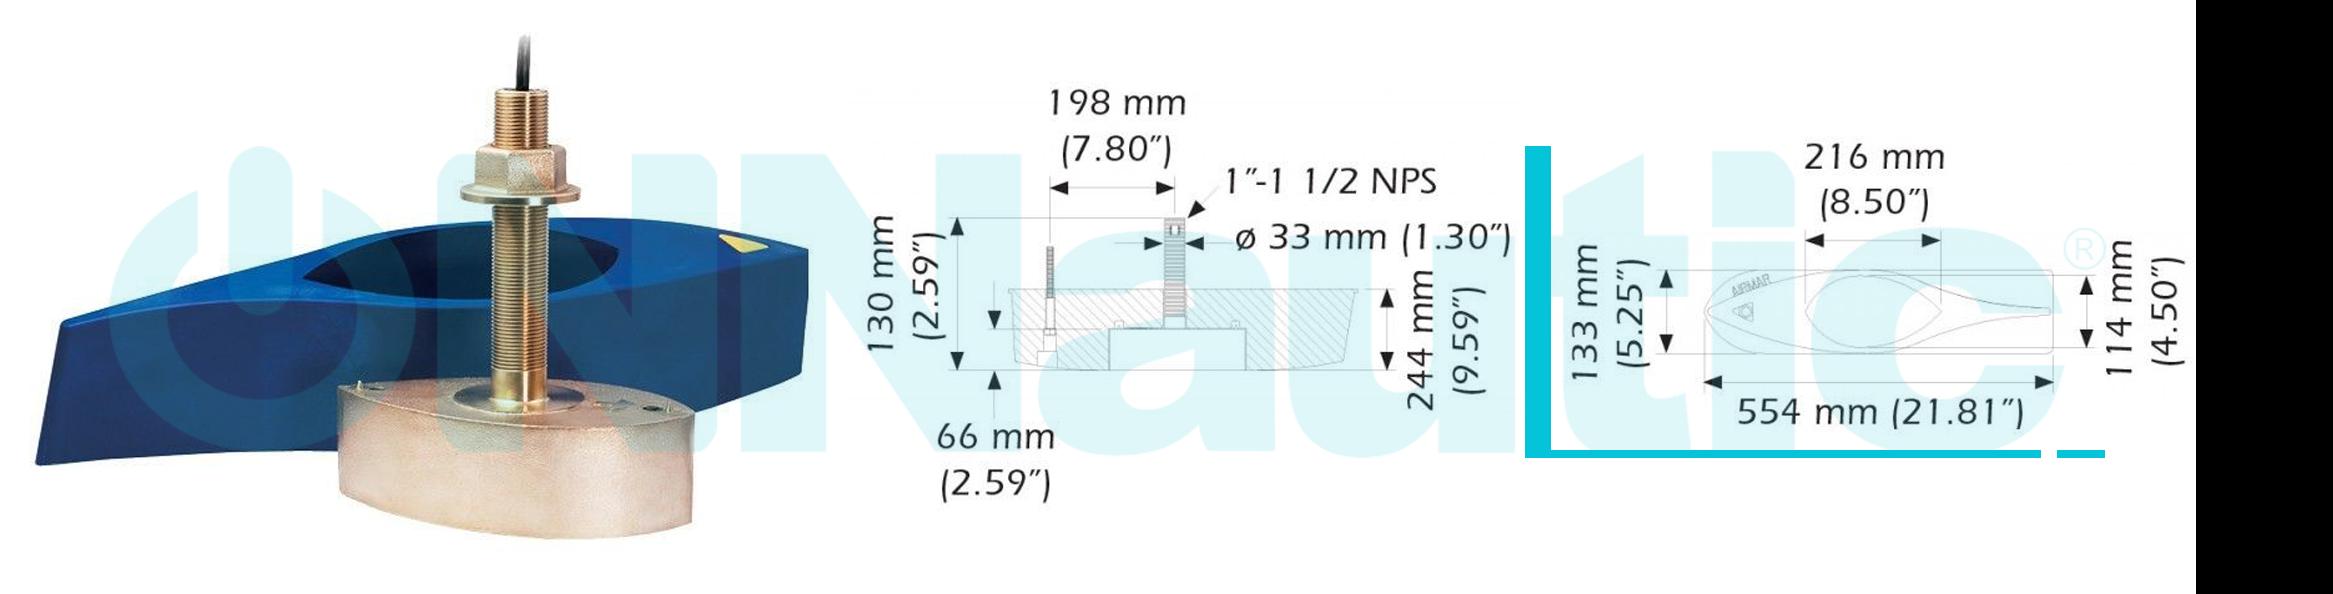 Grafico de Profundidad B275LH-W